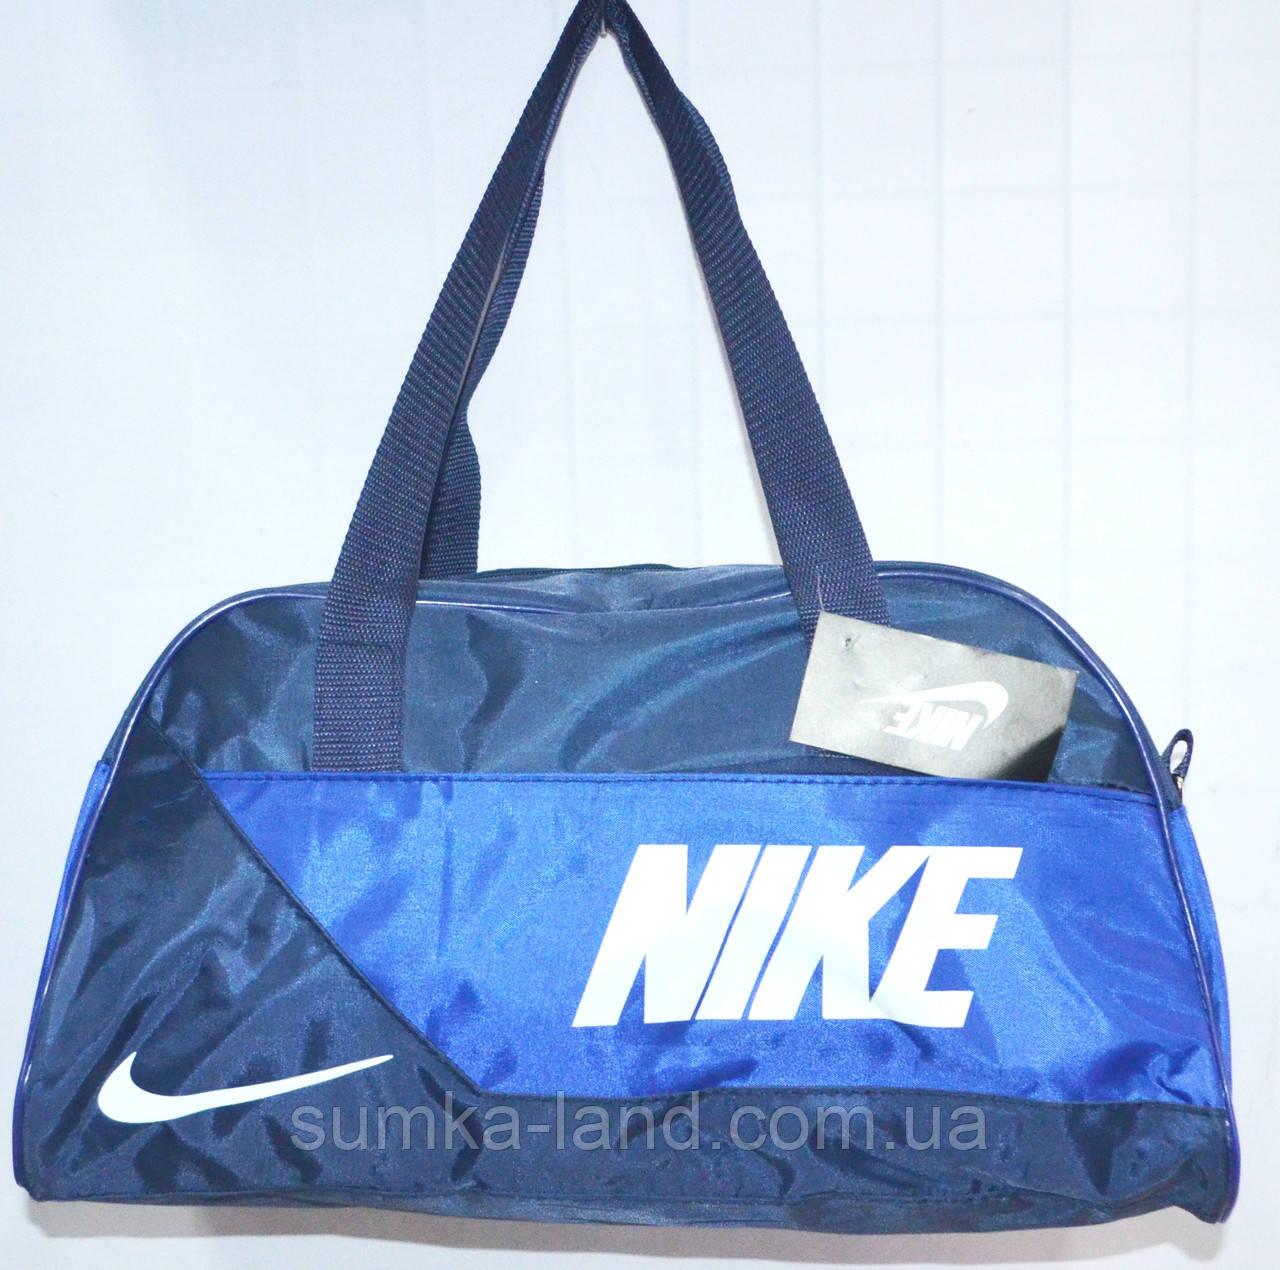 Универсальные спортивные сумки (СИНИЙ - с - ГОЛУБЫМ)